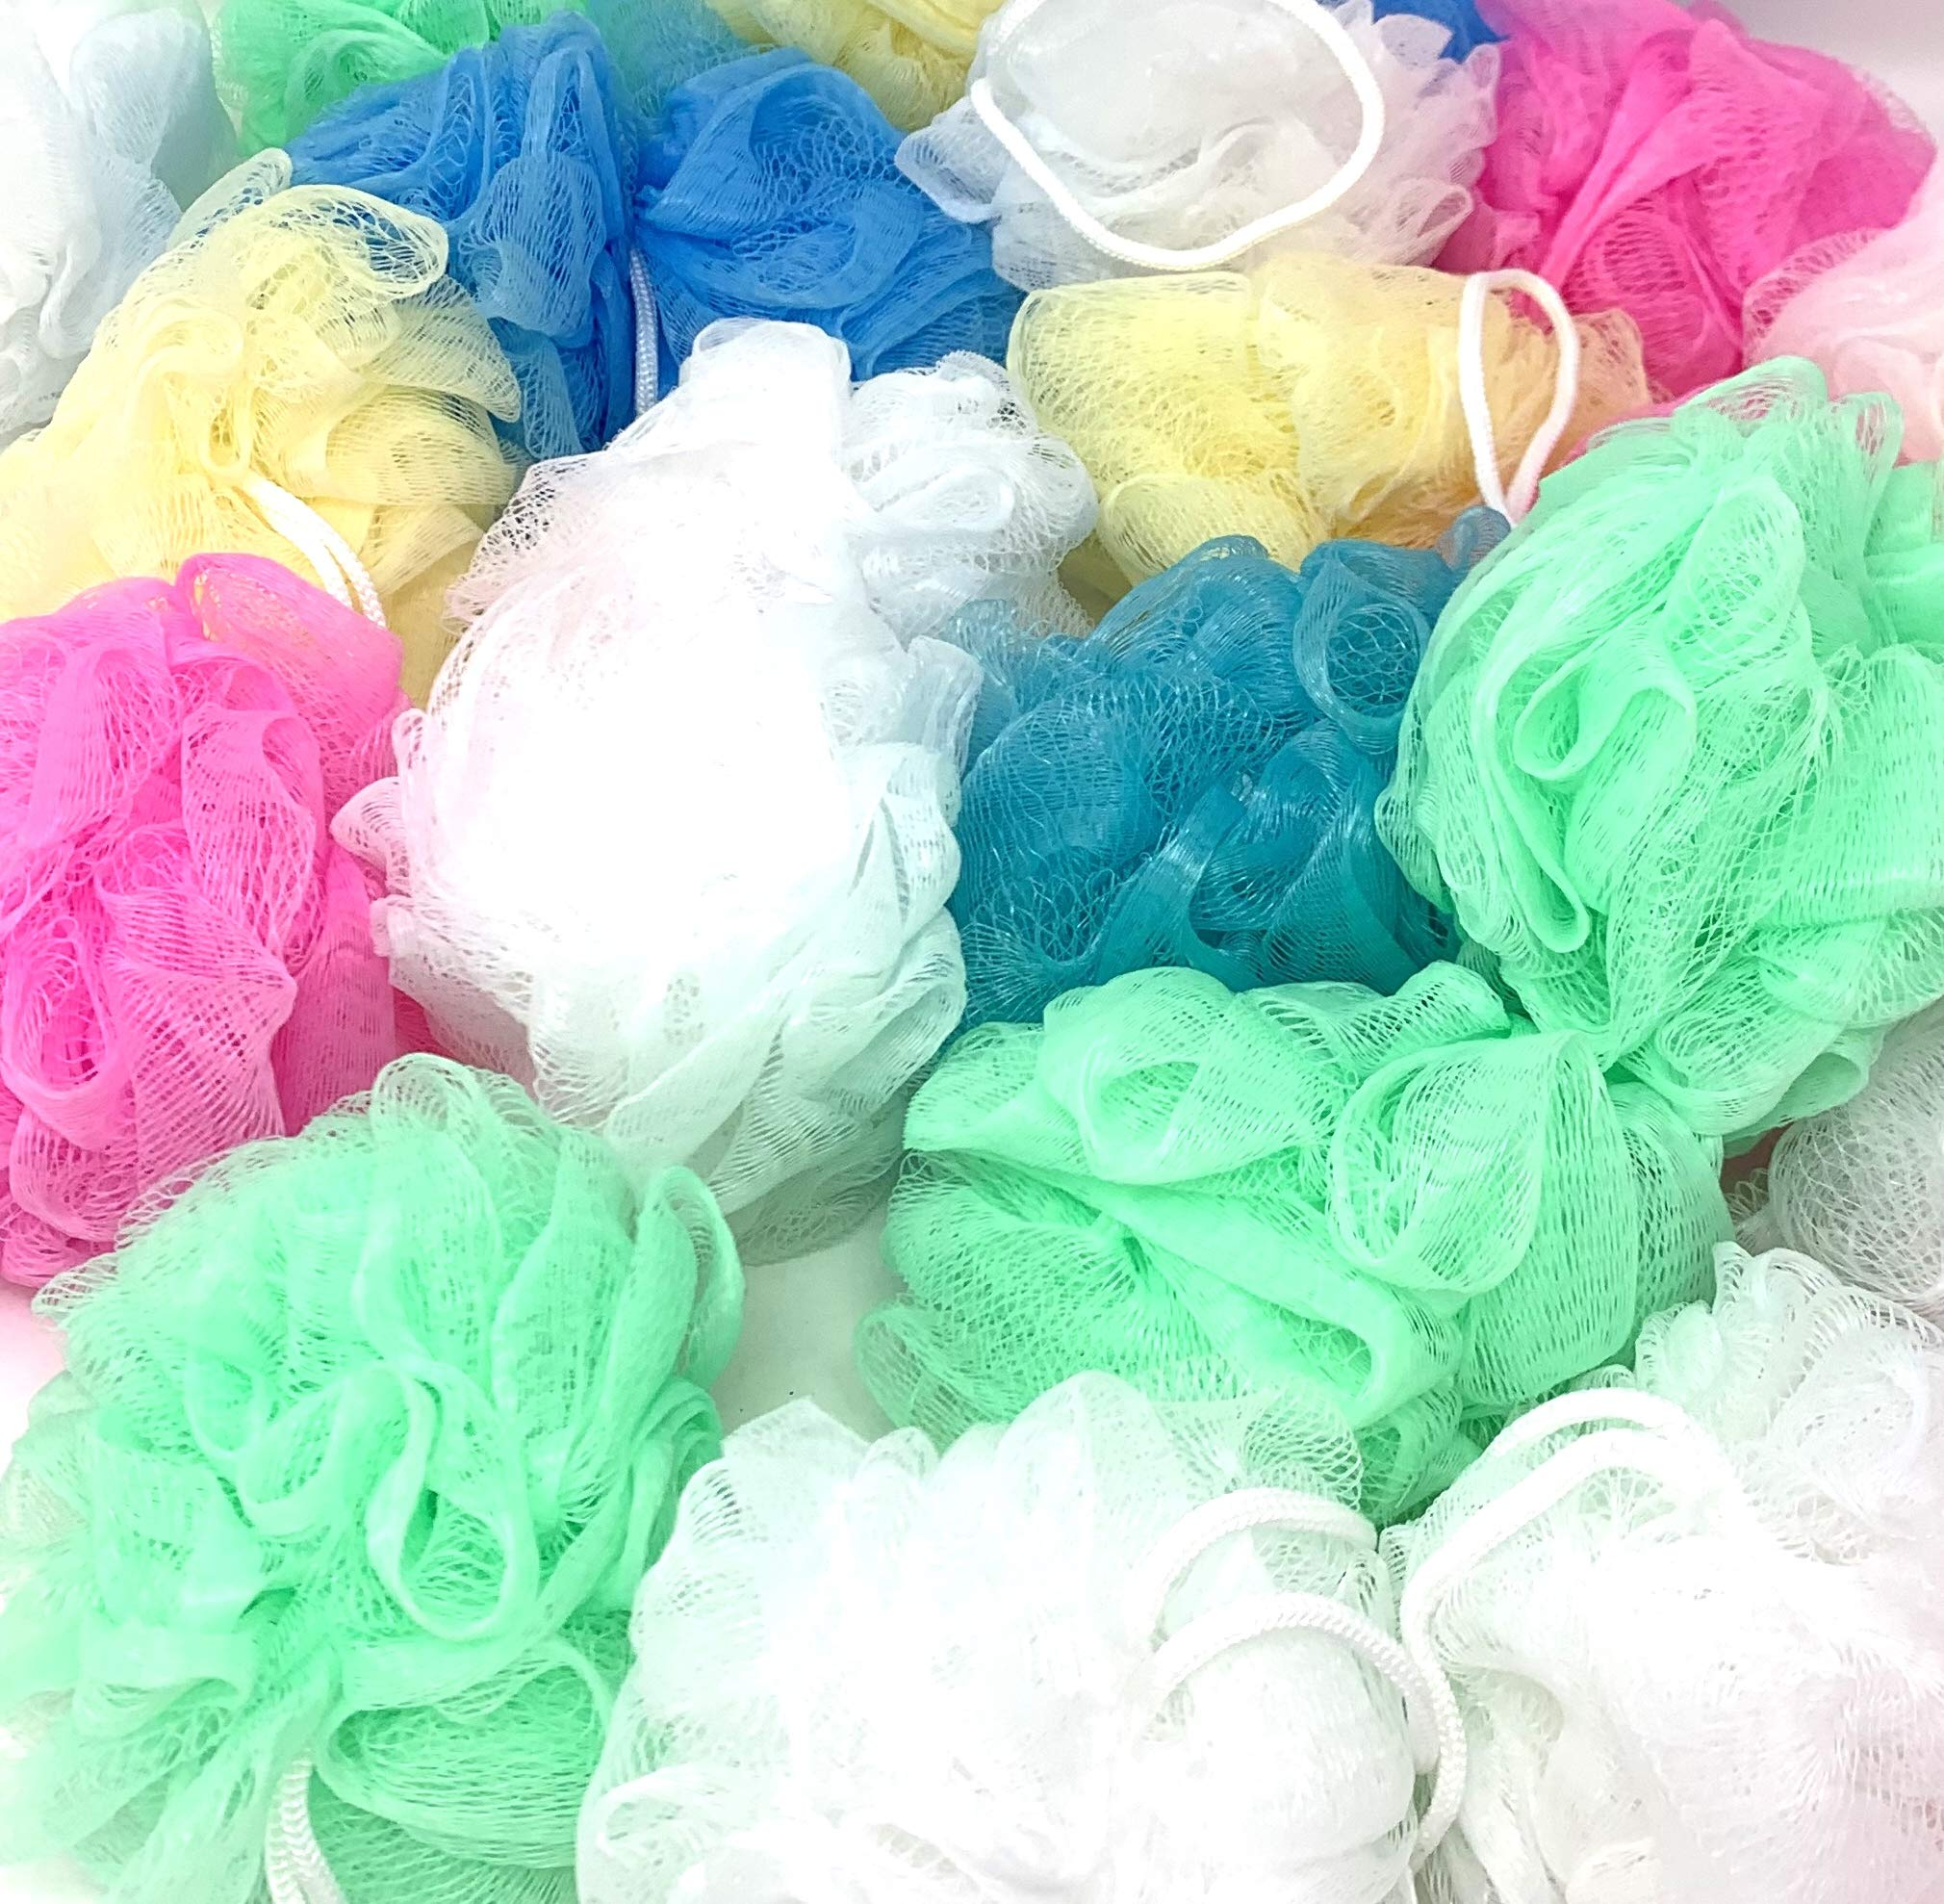 48 Bath or Shower Sponge Loofahs Pouf Mesh Assorted Colors WHOLESALE BULK LOT